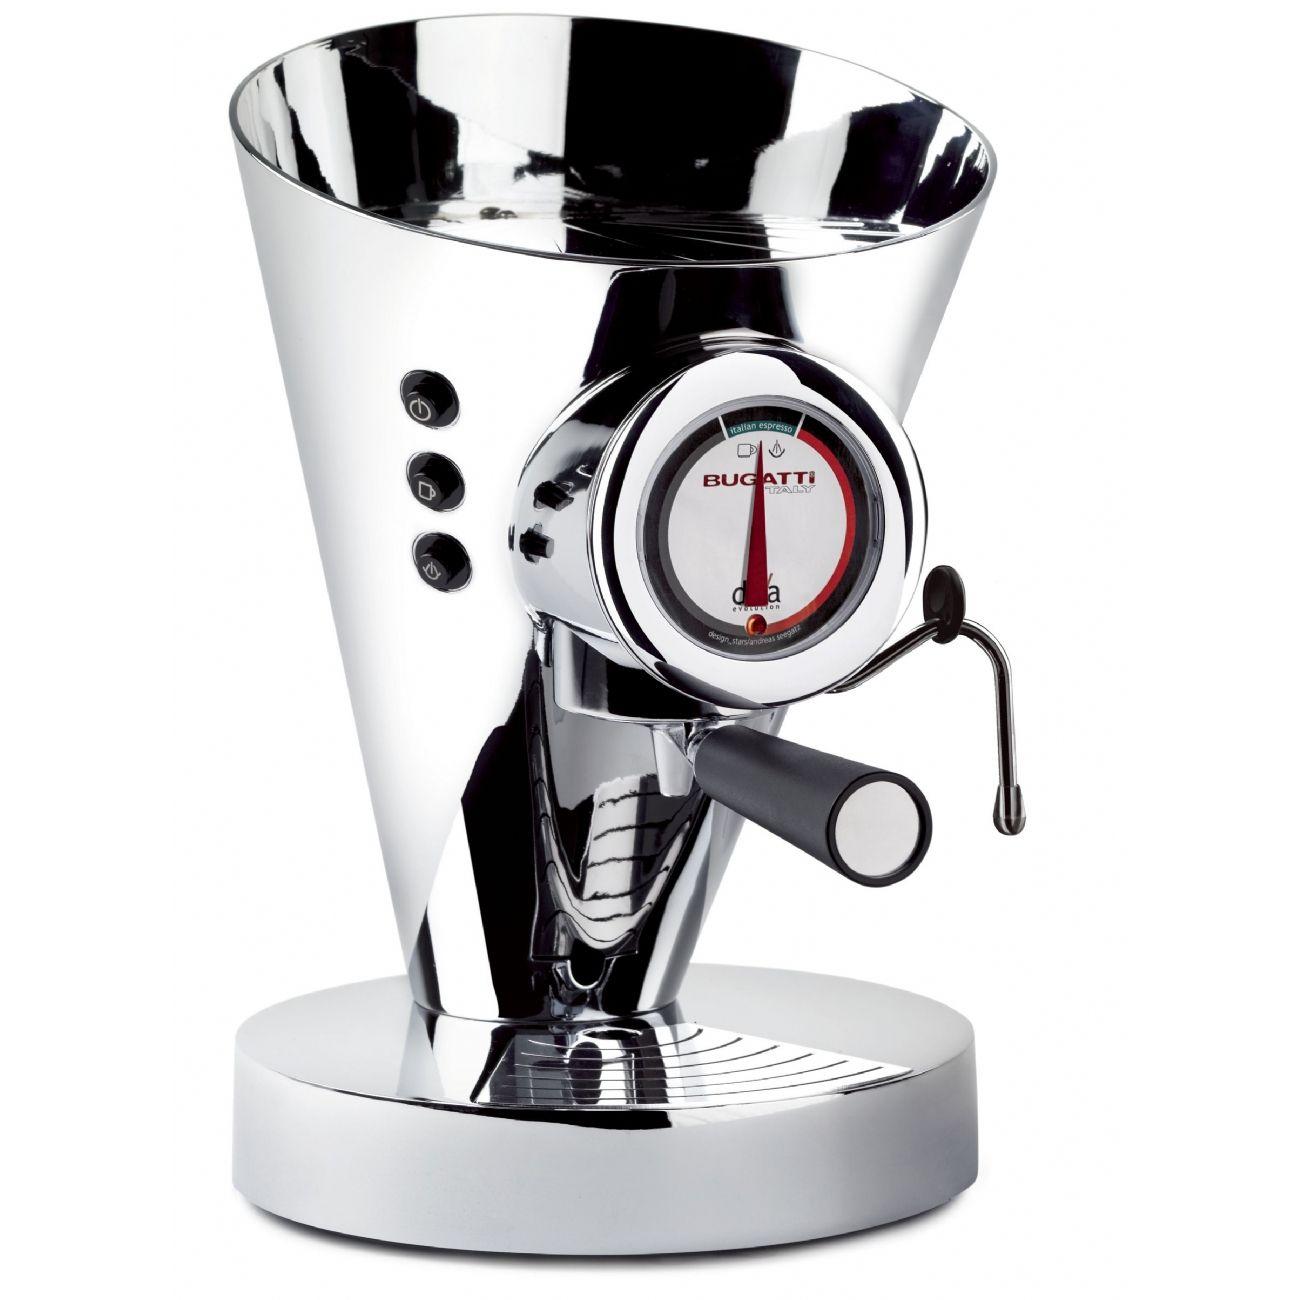 Espresso coffee machine, CASA Bugatti Espresso coffee